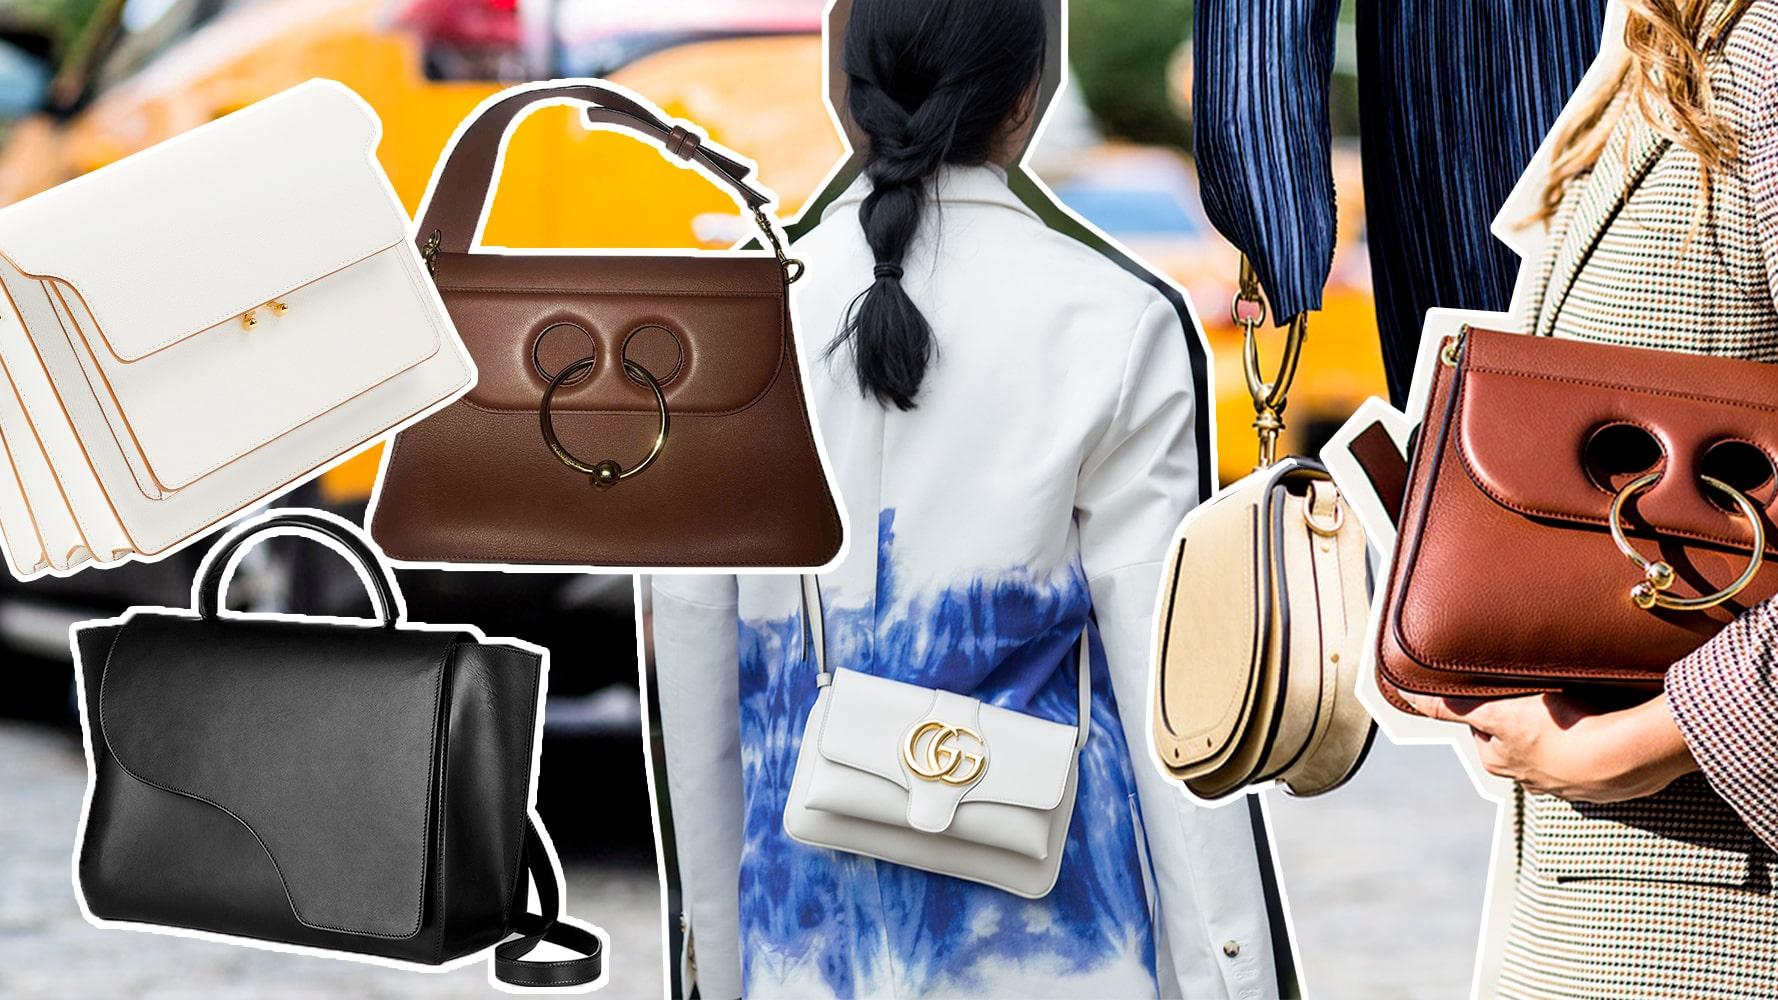 20 tidlösa handväskor – våra handplockade favoriter